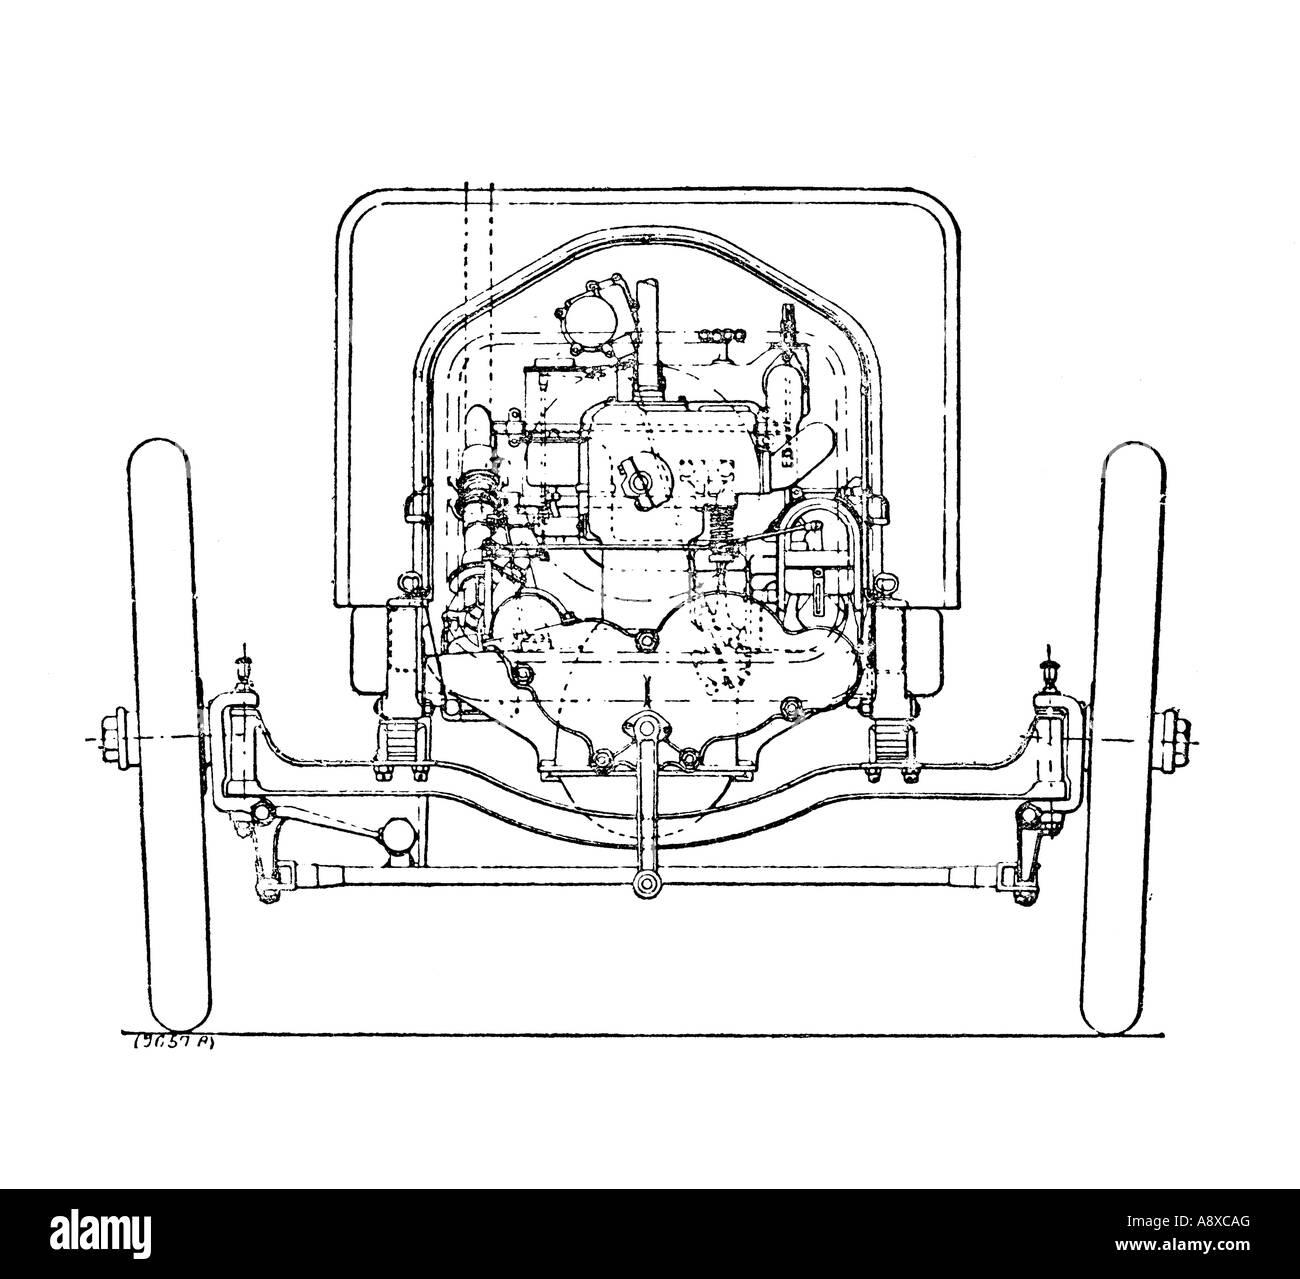 Beste Elektrisches Diagramm Des Autos Bilder - Elektrische ...